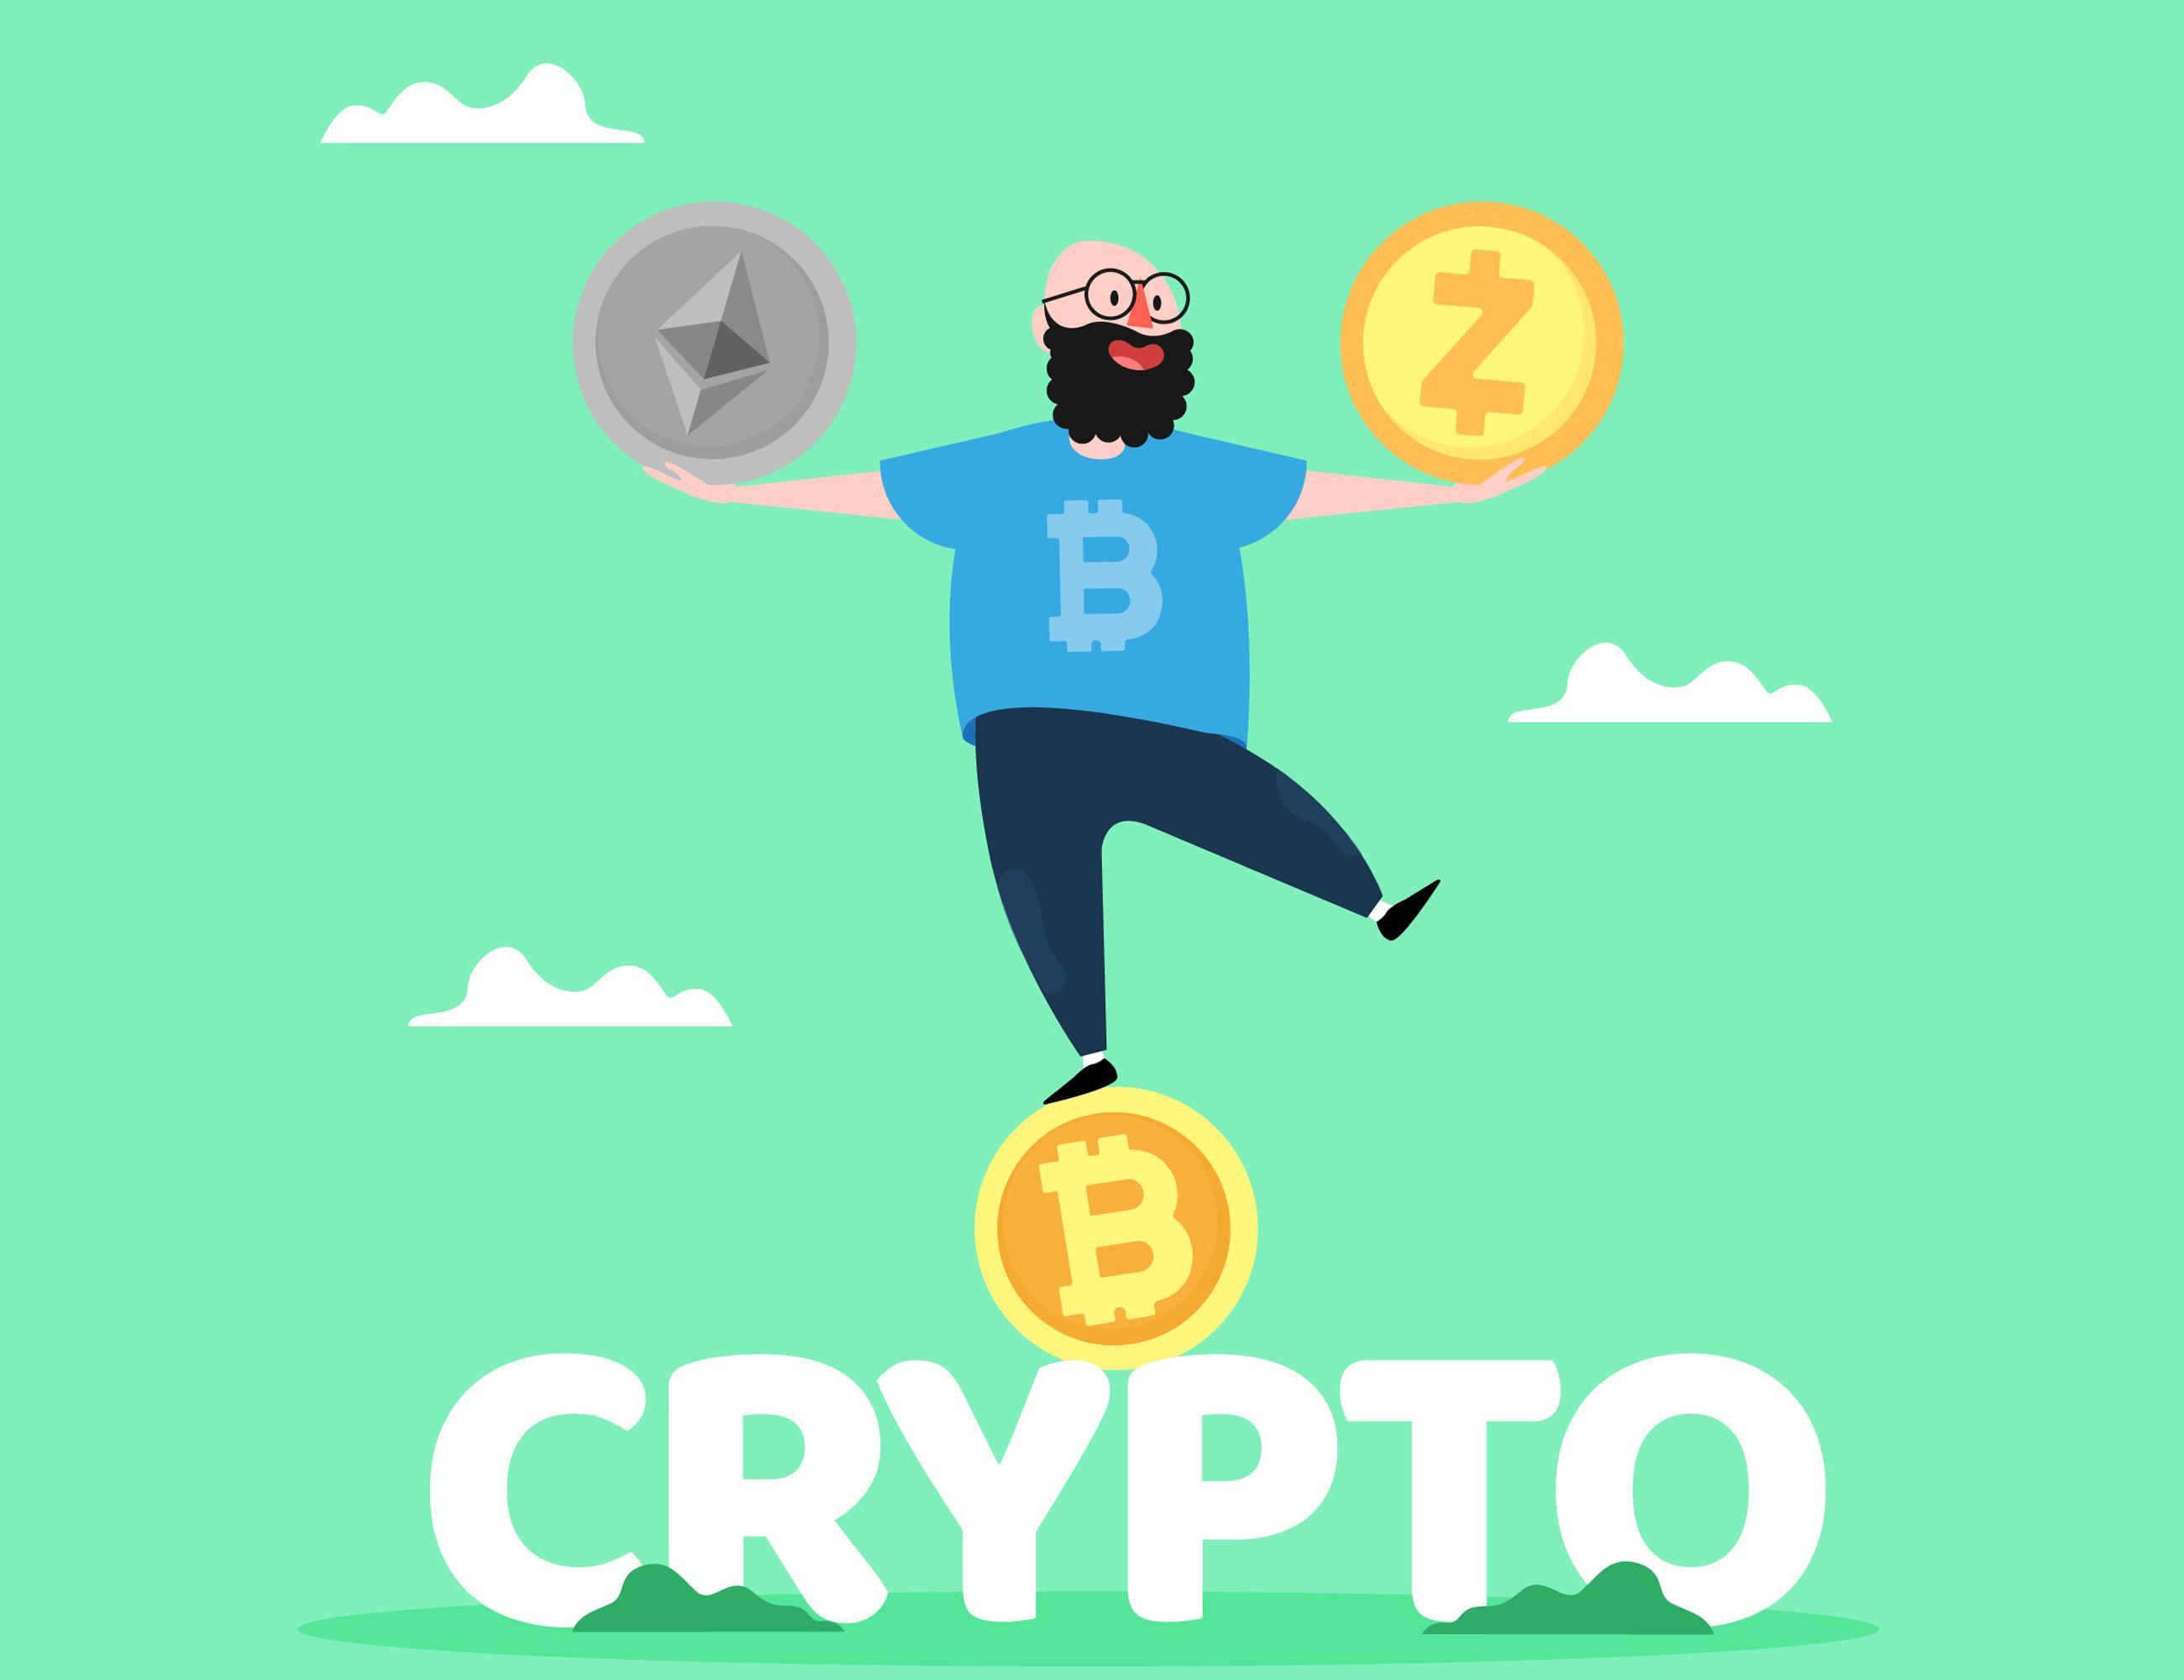 Crypto 4 - Crypto